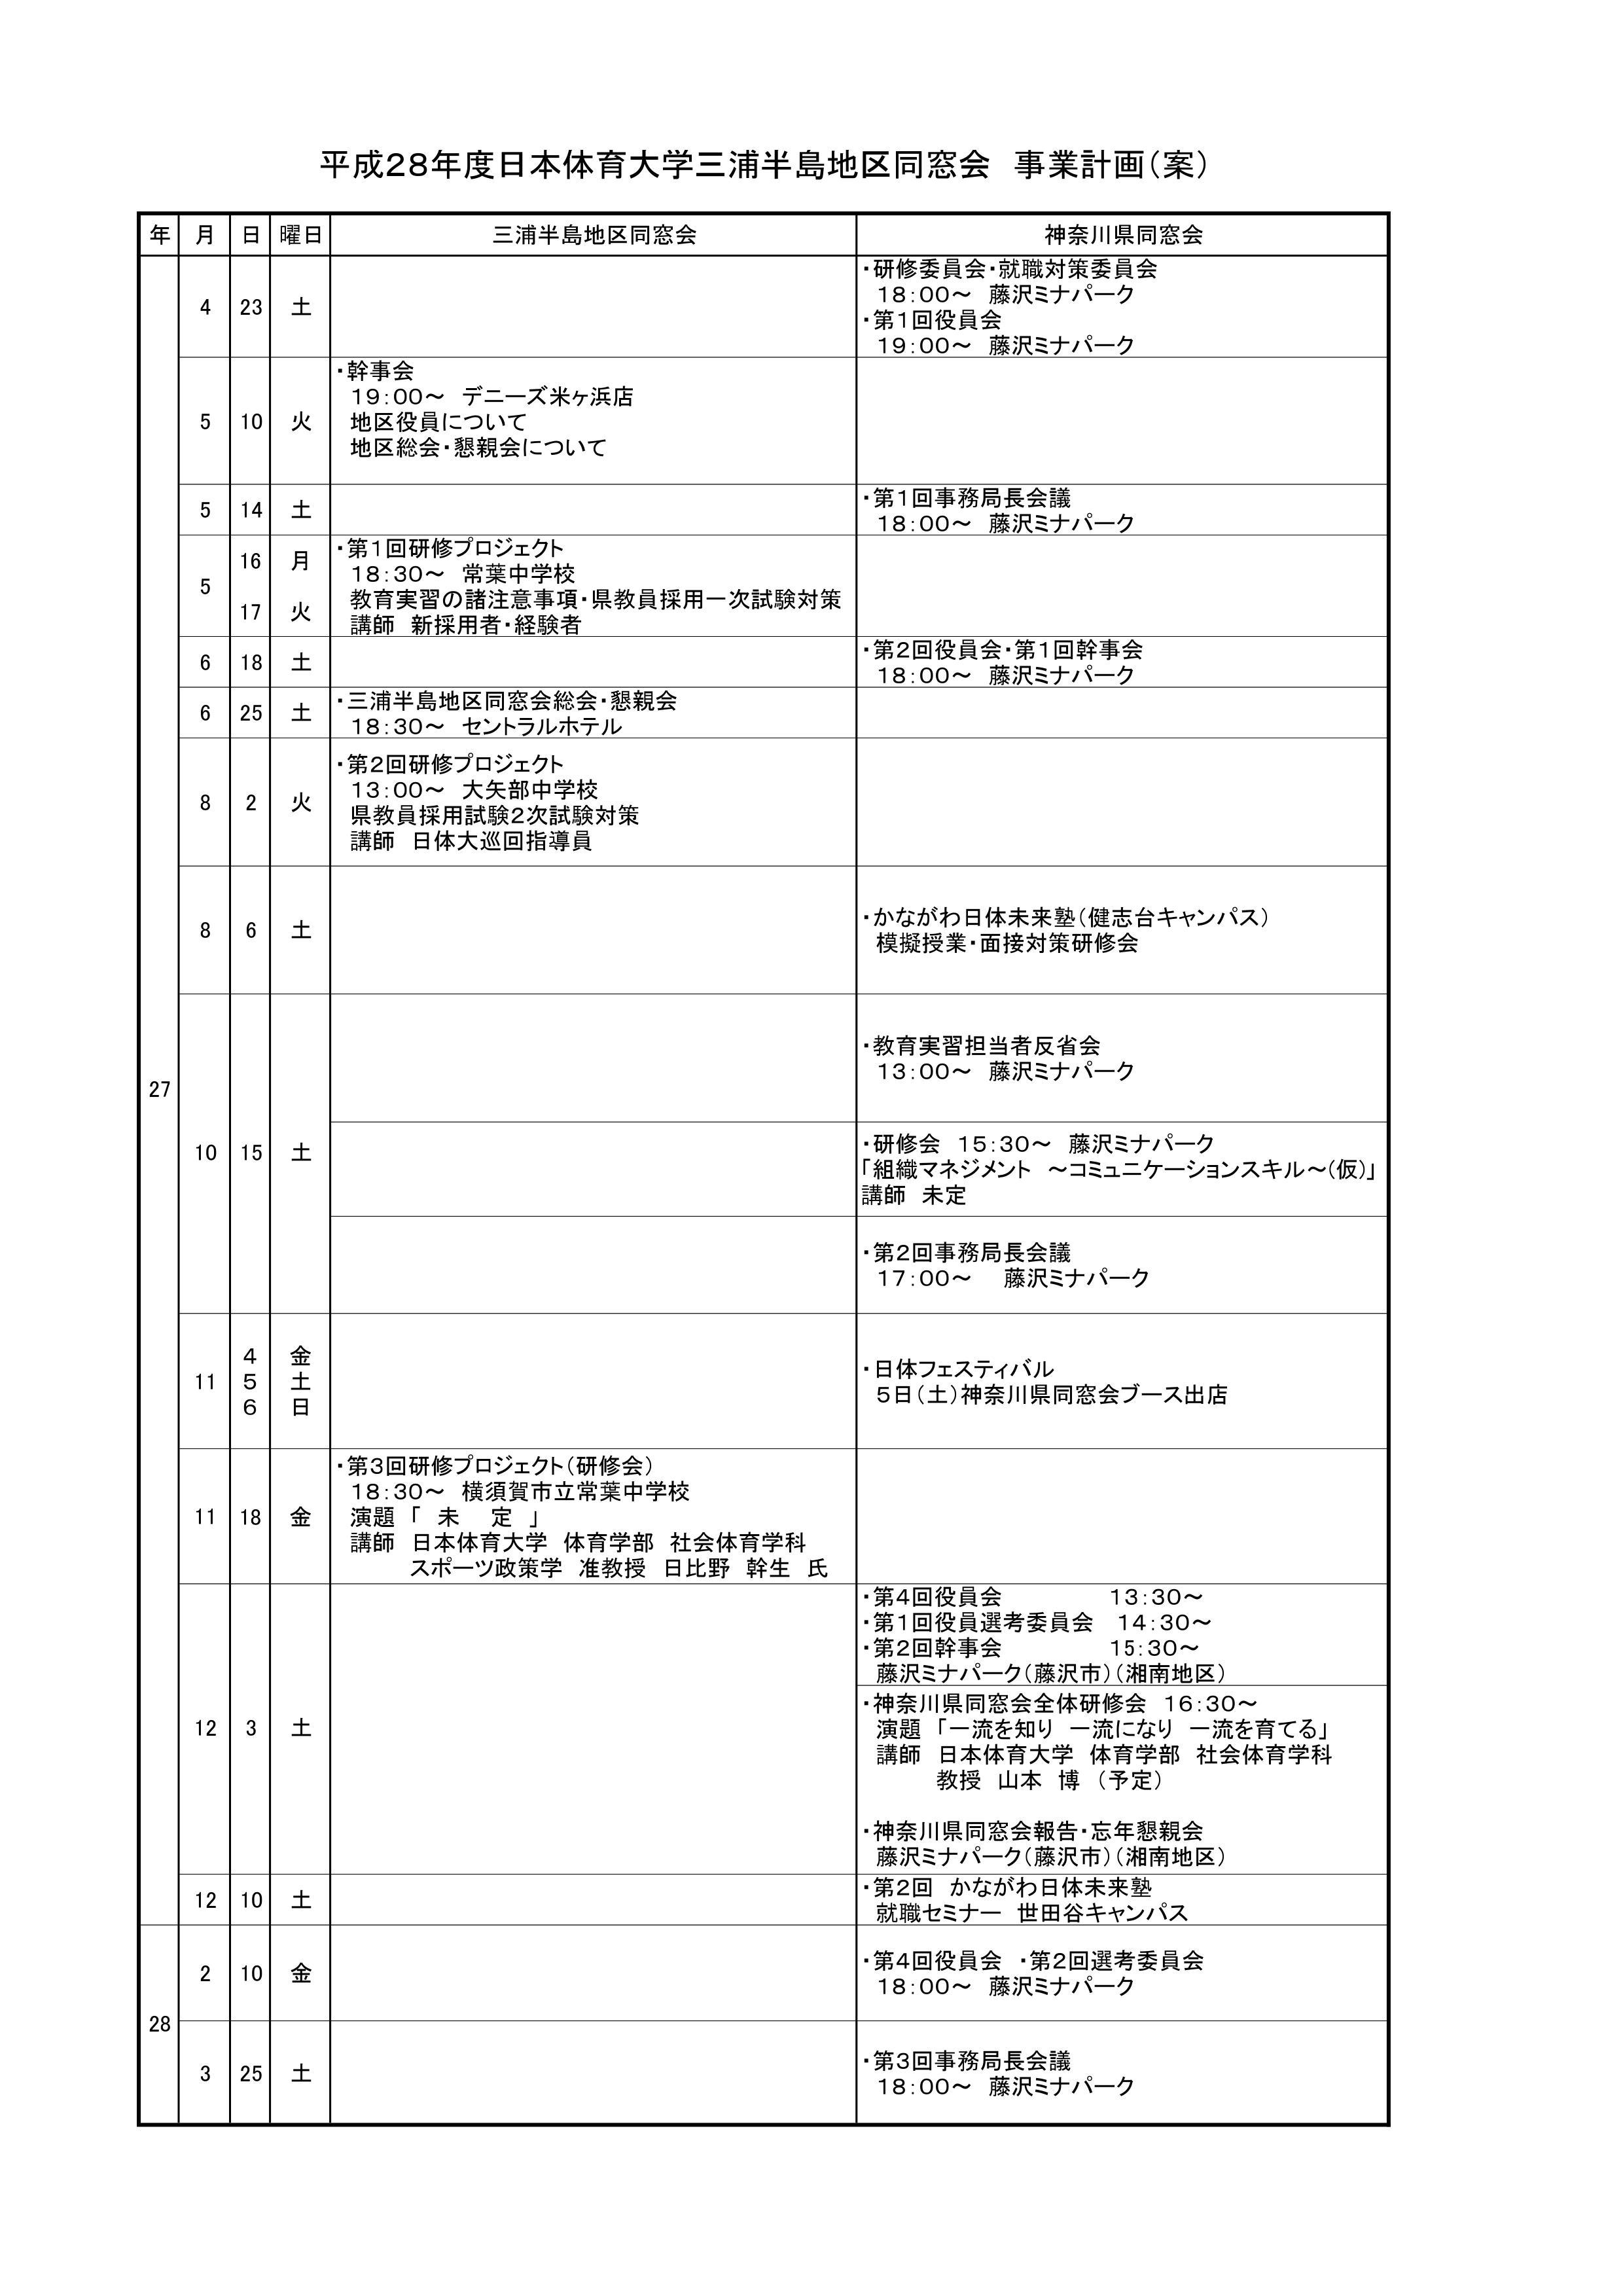 平成28年度日本体育大学三浦半島地区同窓会 事業計画(案)